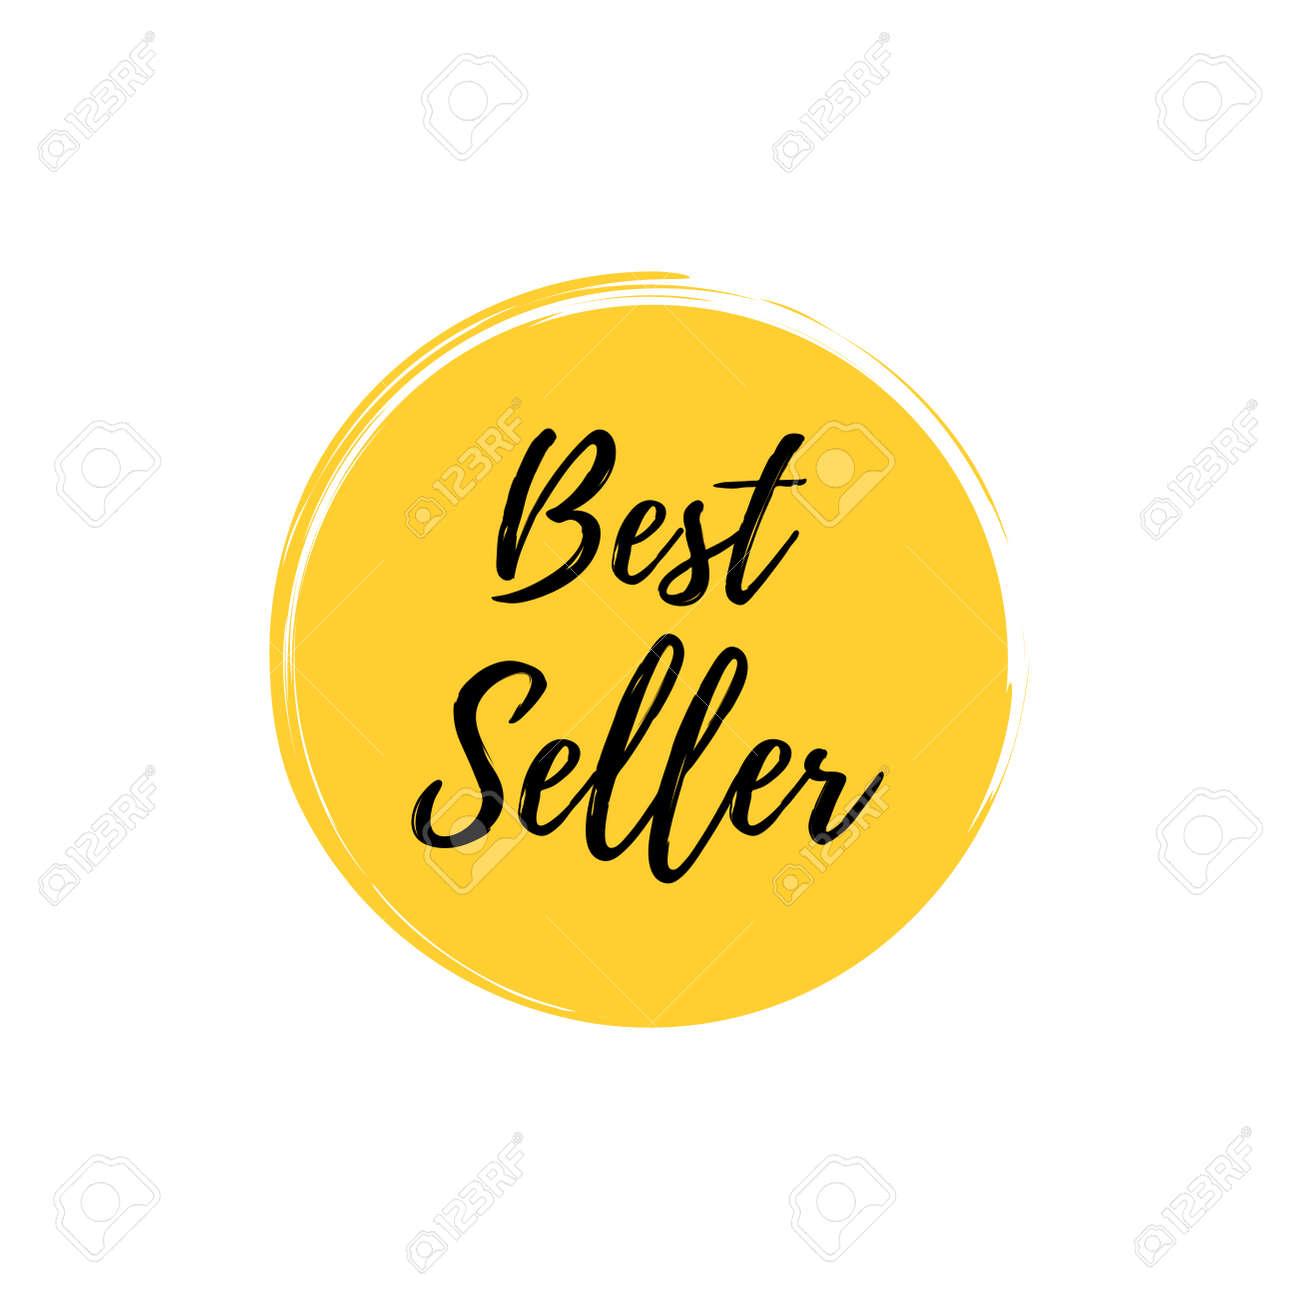 Best seller stamp on white background. - 168544088